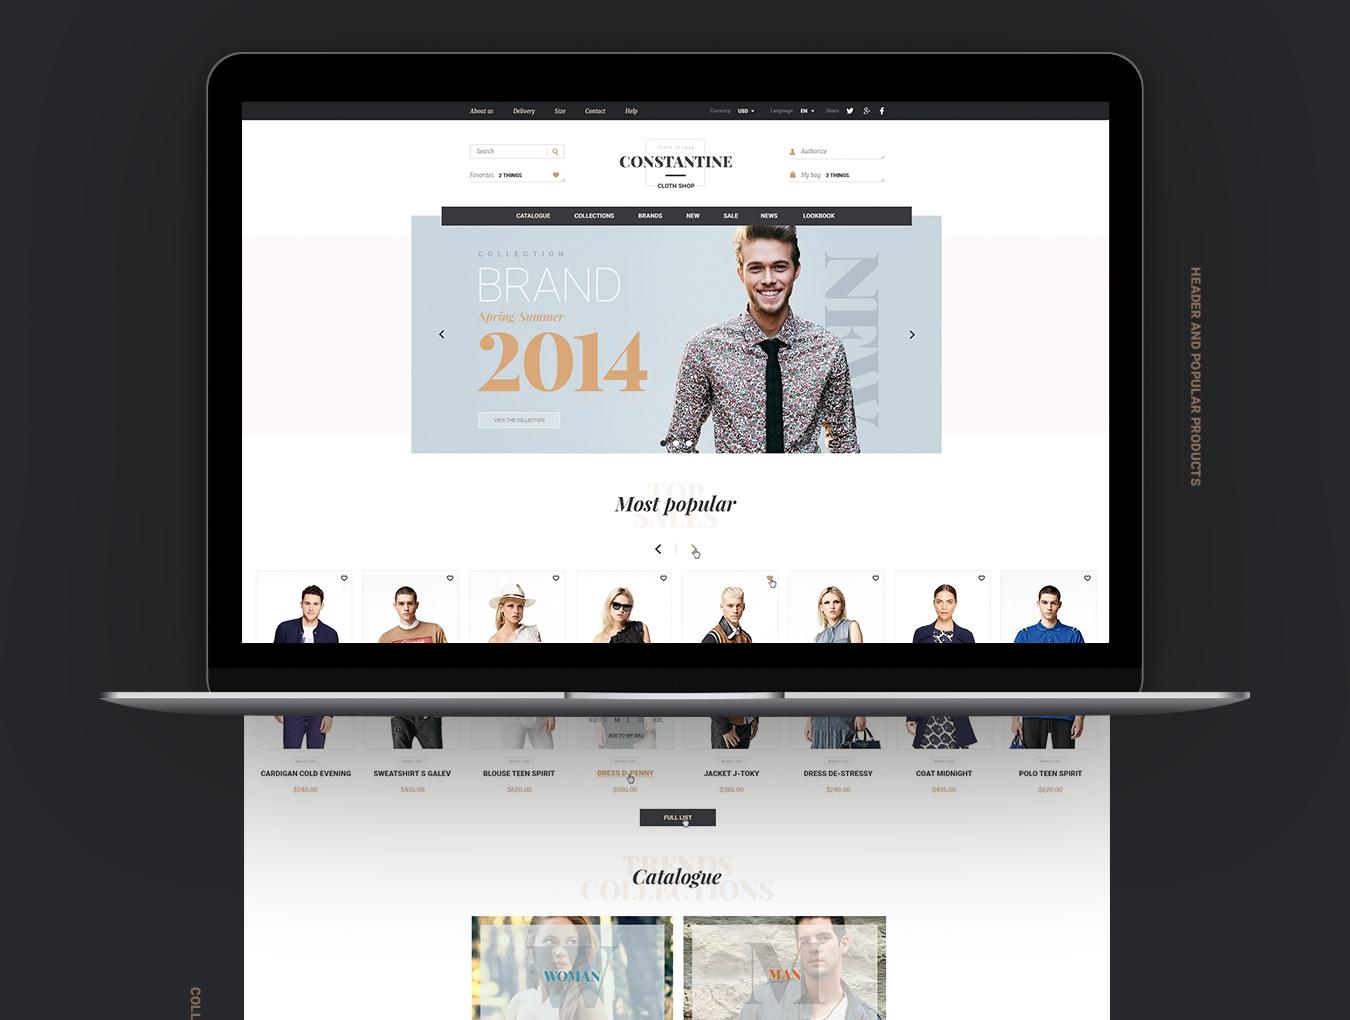 [VIP专享]超酷的电商网站模板.psd素材下载 VIP界面-第6张